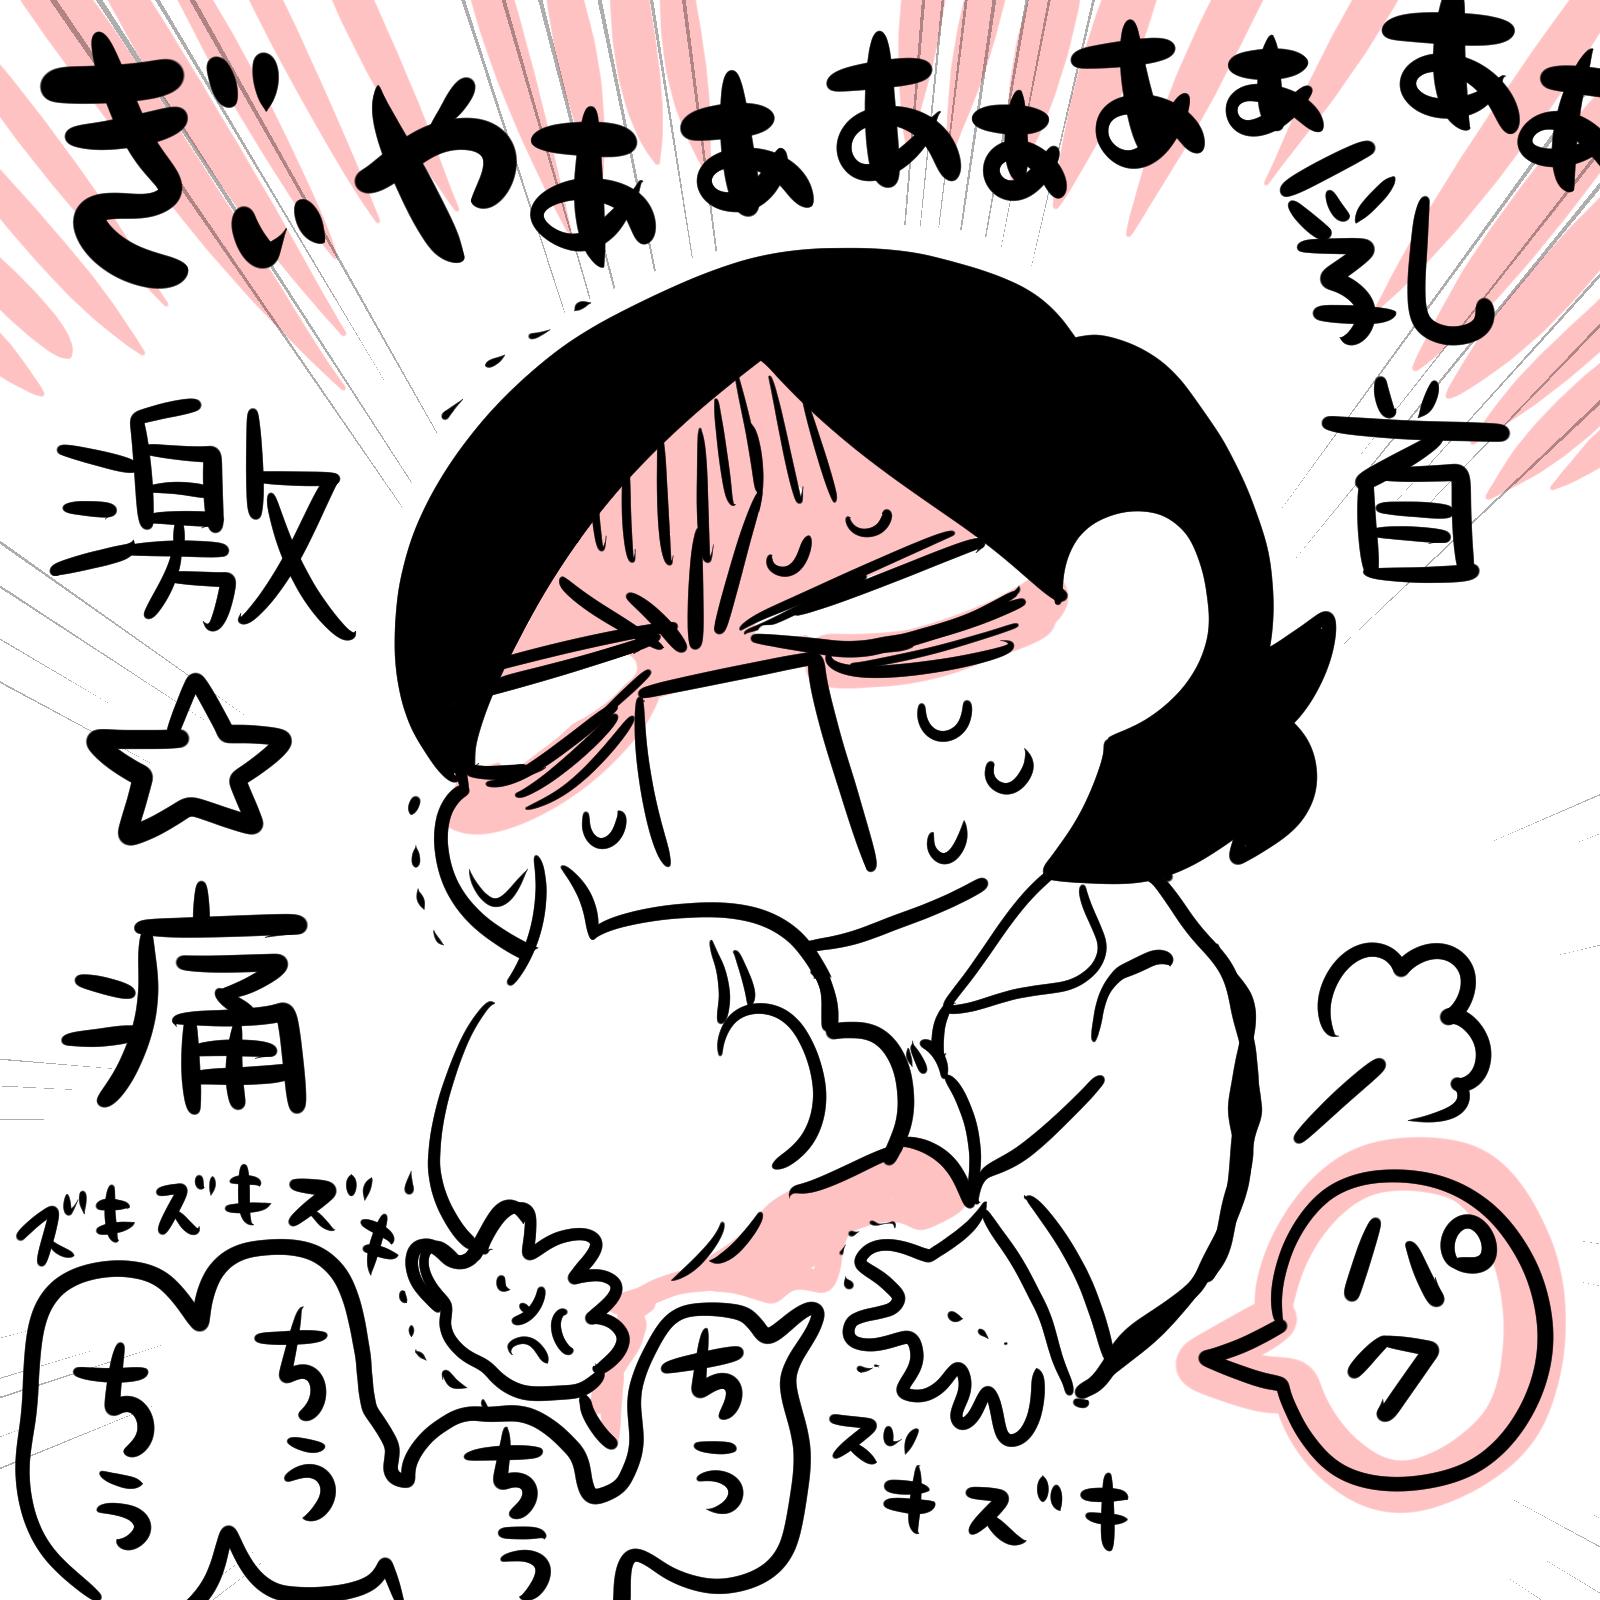 ムチムチ!プニプニ!ちびたろ!#9「レベルアップする乳首」